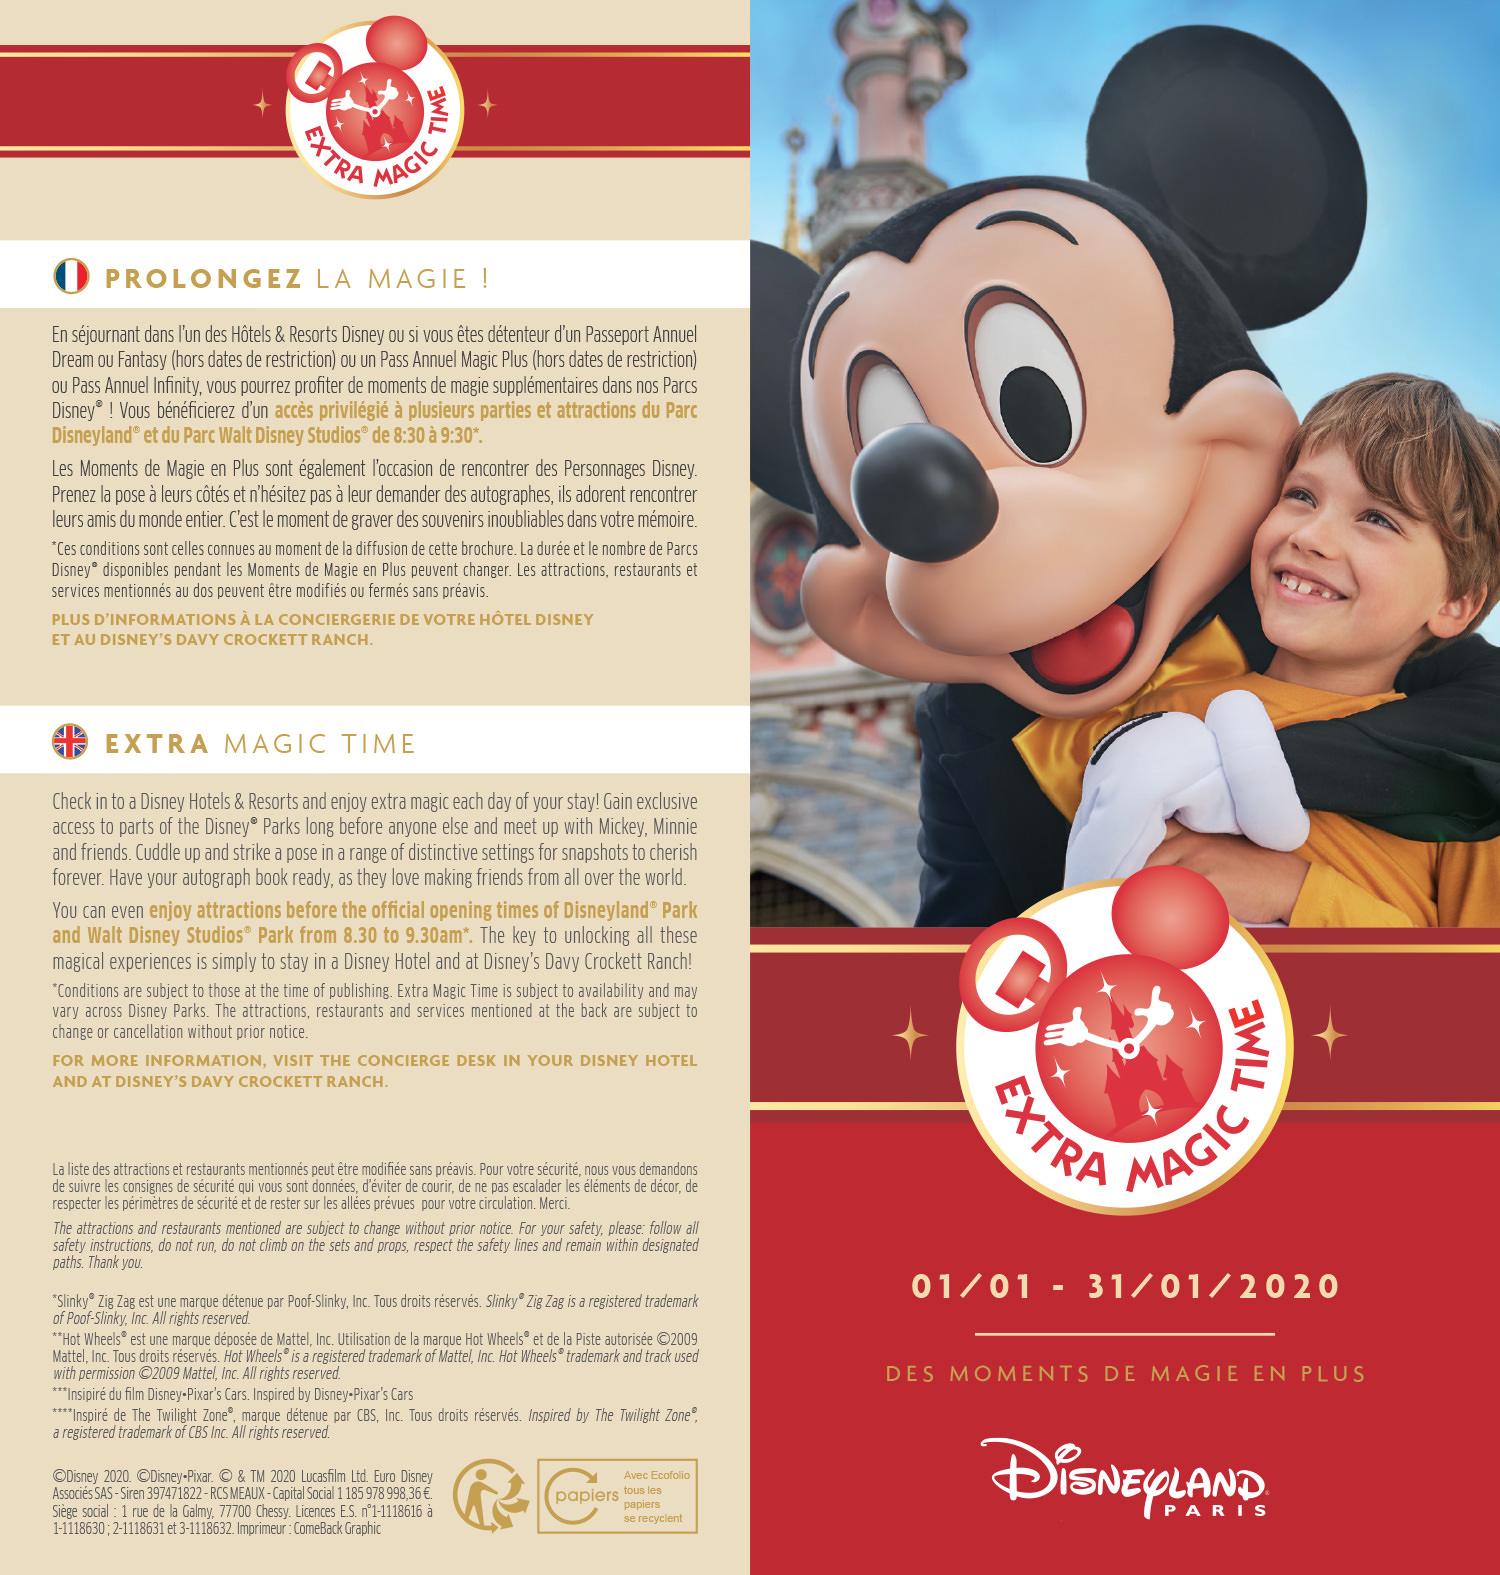 EMT janvier 2020 à Disneyland Paris : programme des attractions ouvertes dès 8h30